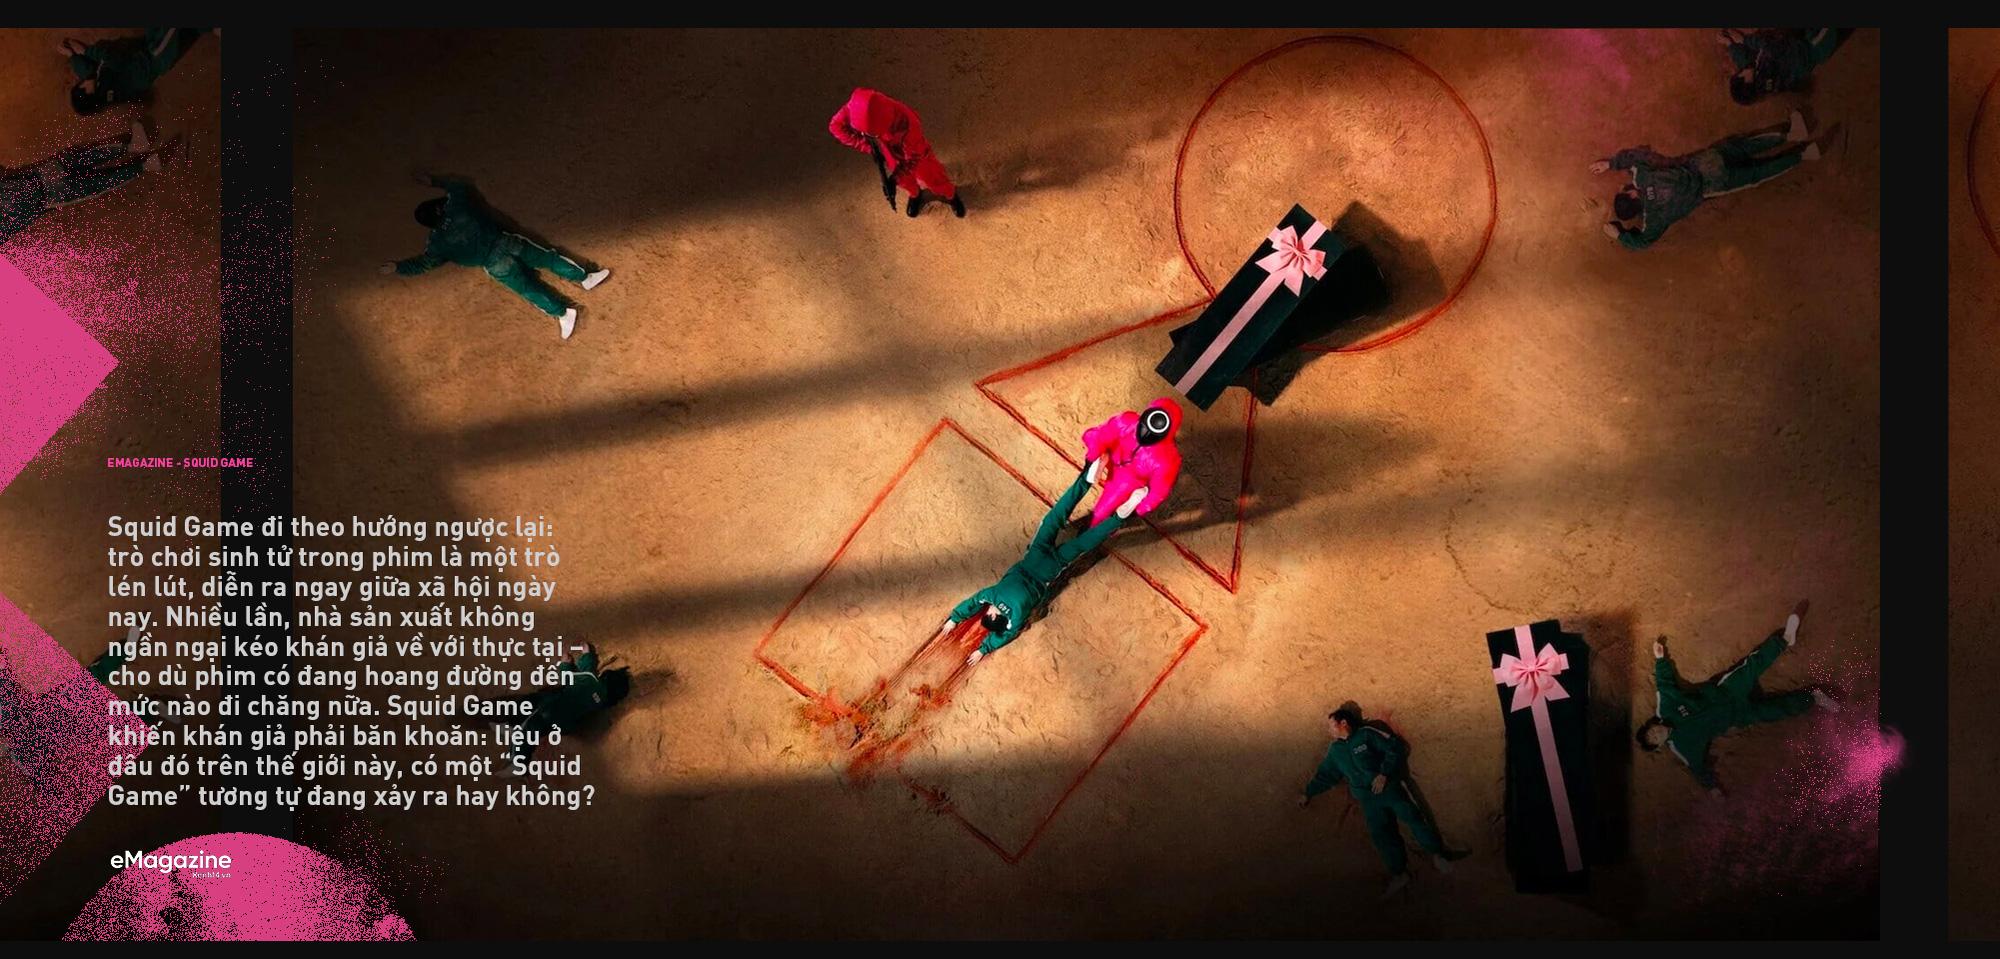 Squid Game - cuộc chiến máu bọc đường thành hiện tượng toàn cầu và tham vọng đổi mới bộ mặt phim Hàn của Netflix - Ảnh 4.